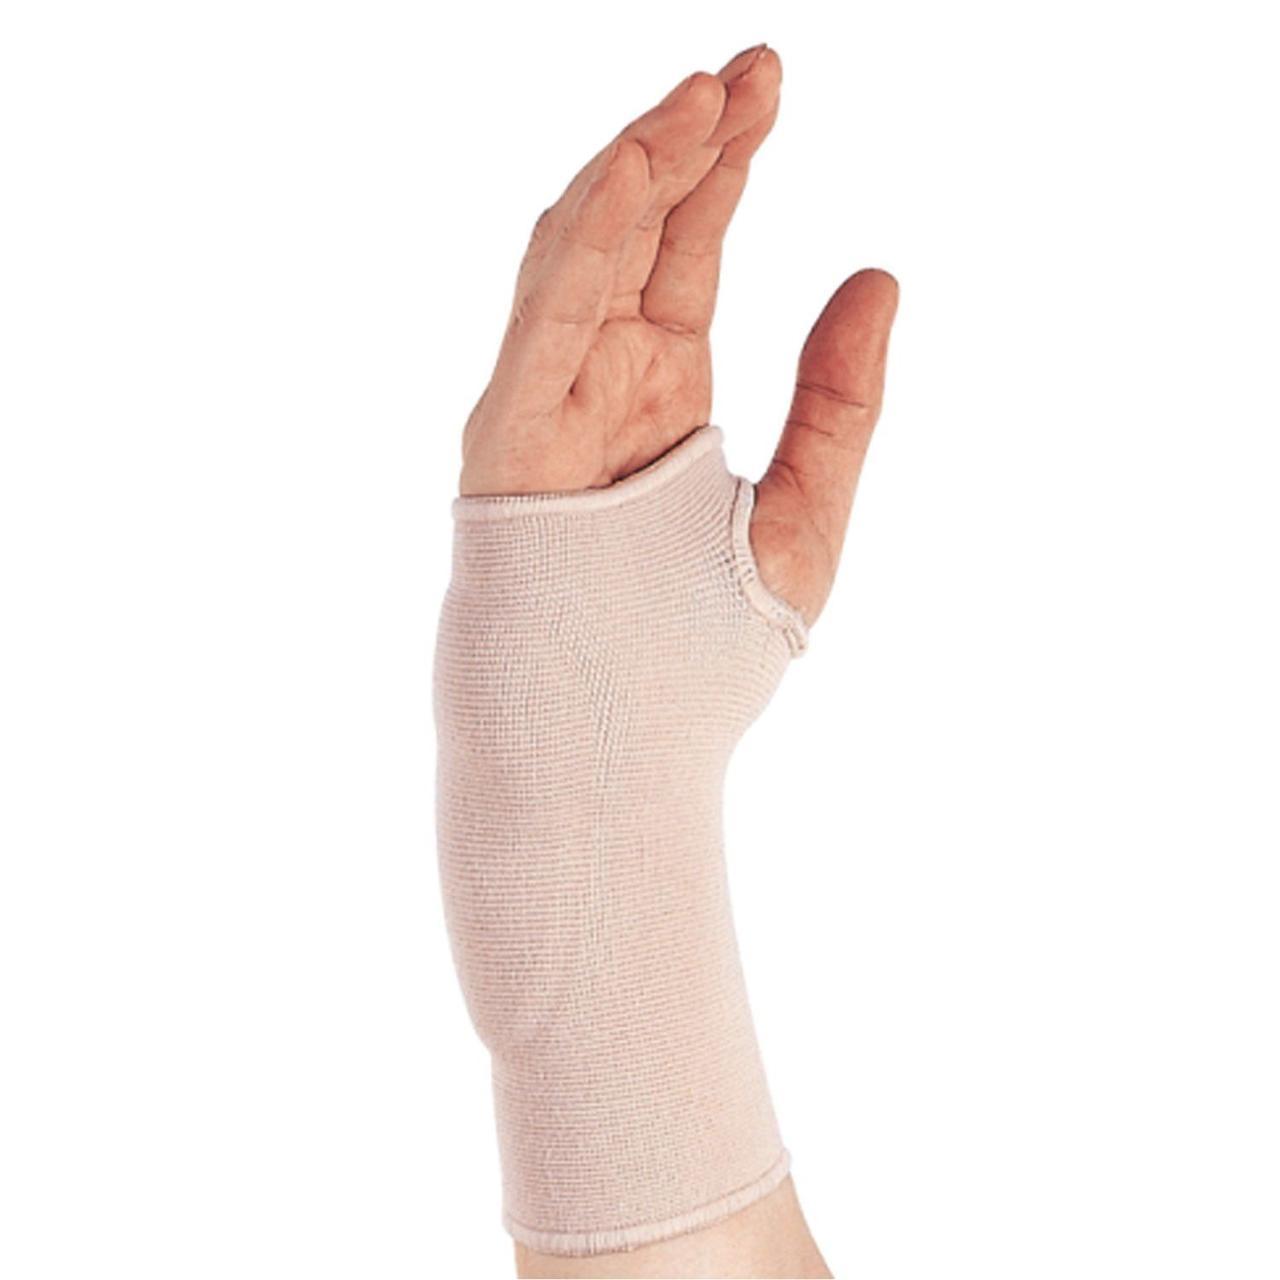 Бандаж эластичный на запястье с гелевой вставкой Ortop ES-405 на правую руку, размер s